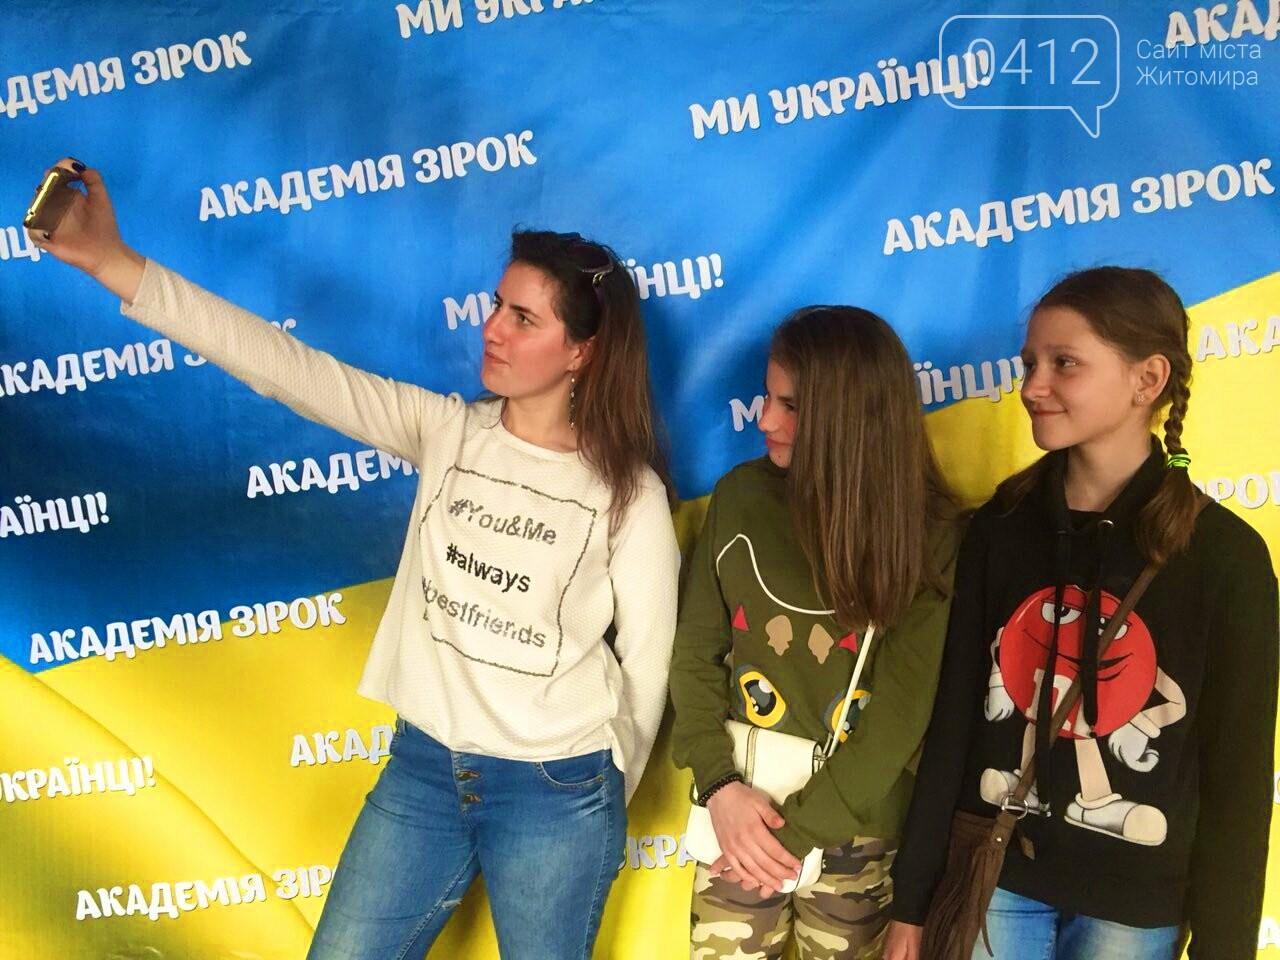 """У Житомирі провели щорічну молодіжну патріотично-мистецьку акцію """"Я люблю Україну свою-2018"""", фото-29"""